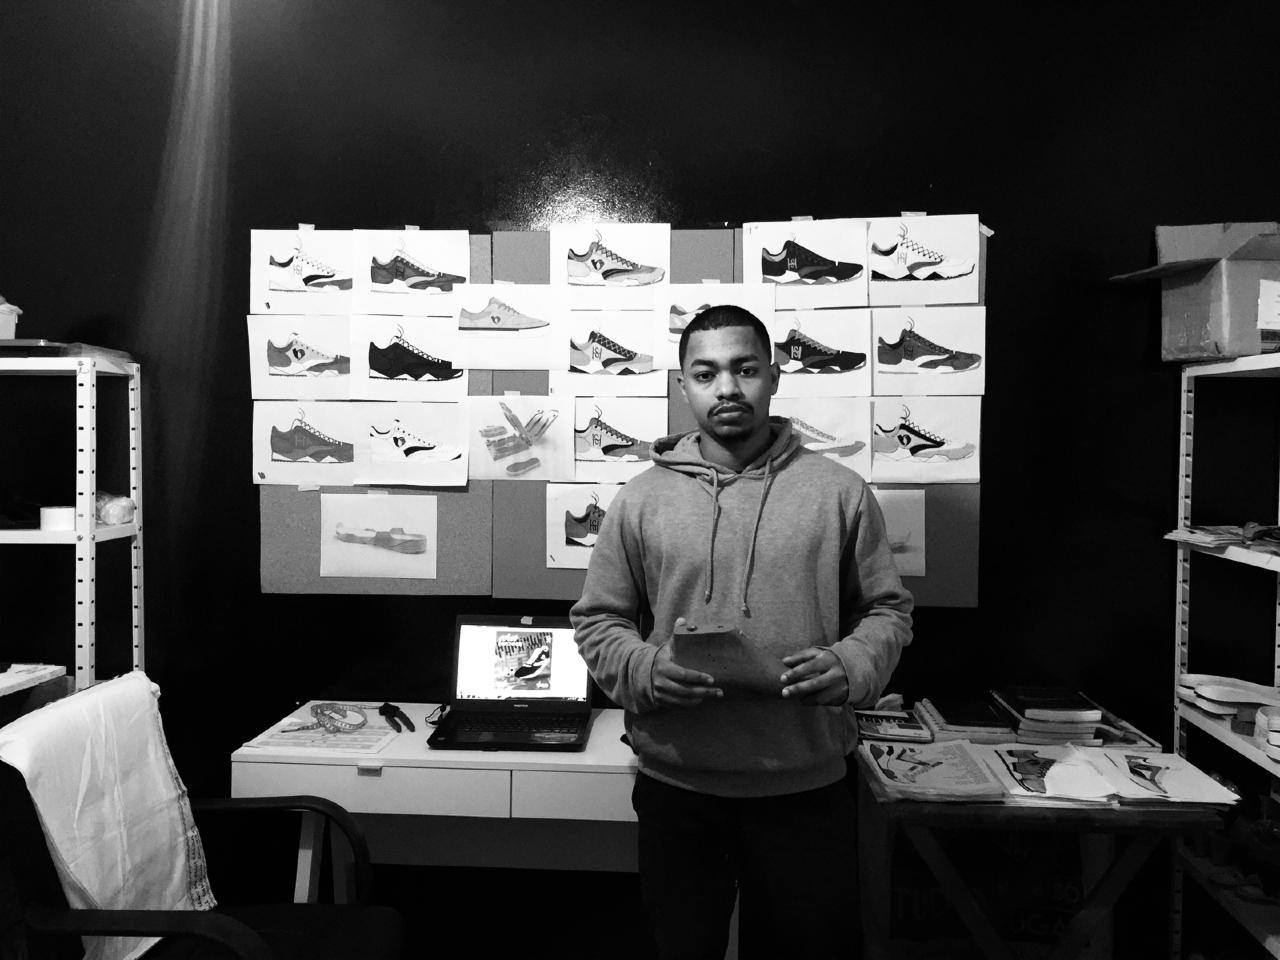 swbr entrevista hearts footwear 1 - SWBR entrevista Luis Henrique da Hearts Footwear